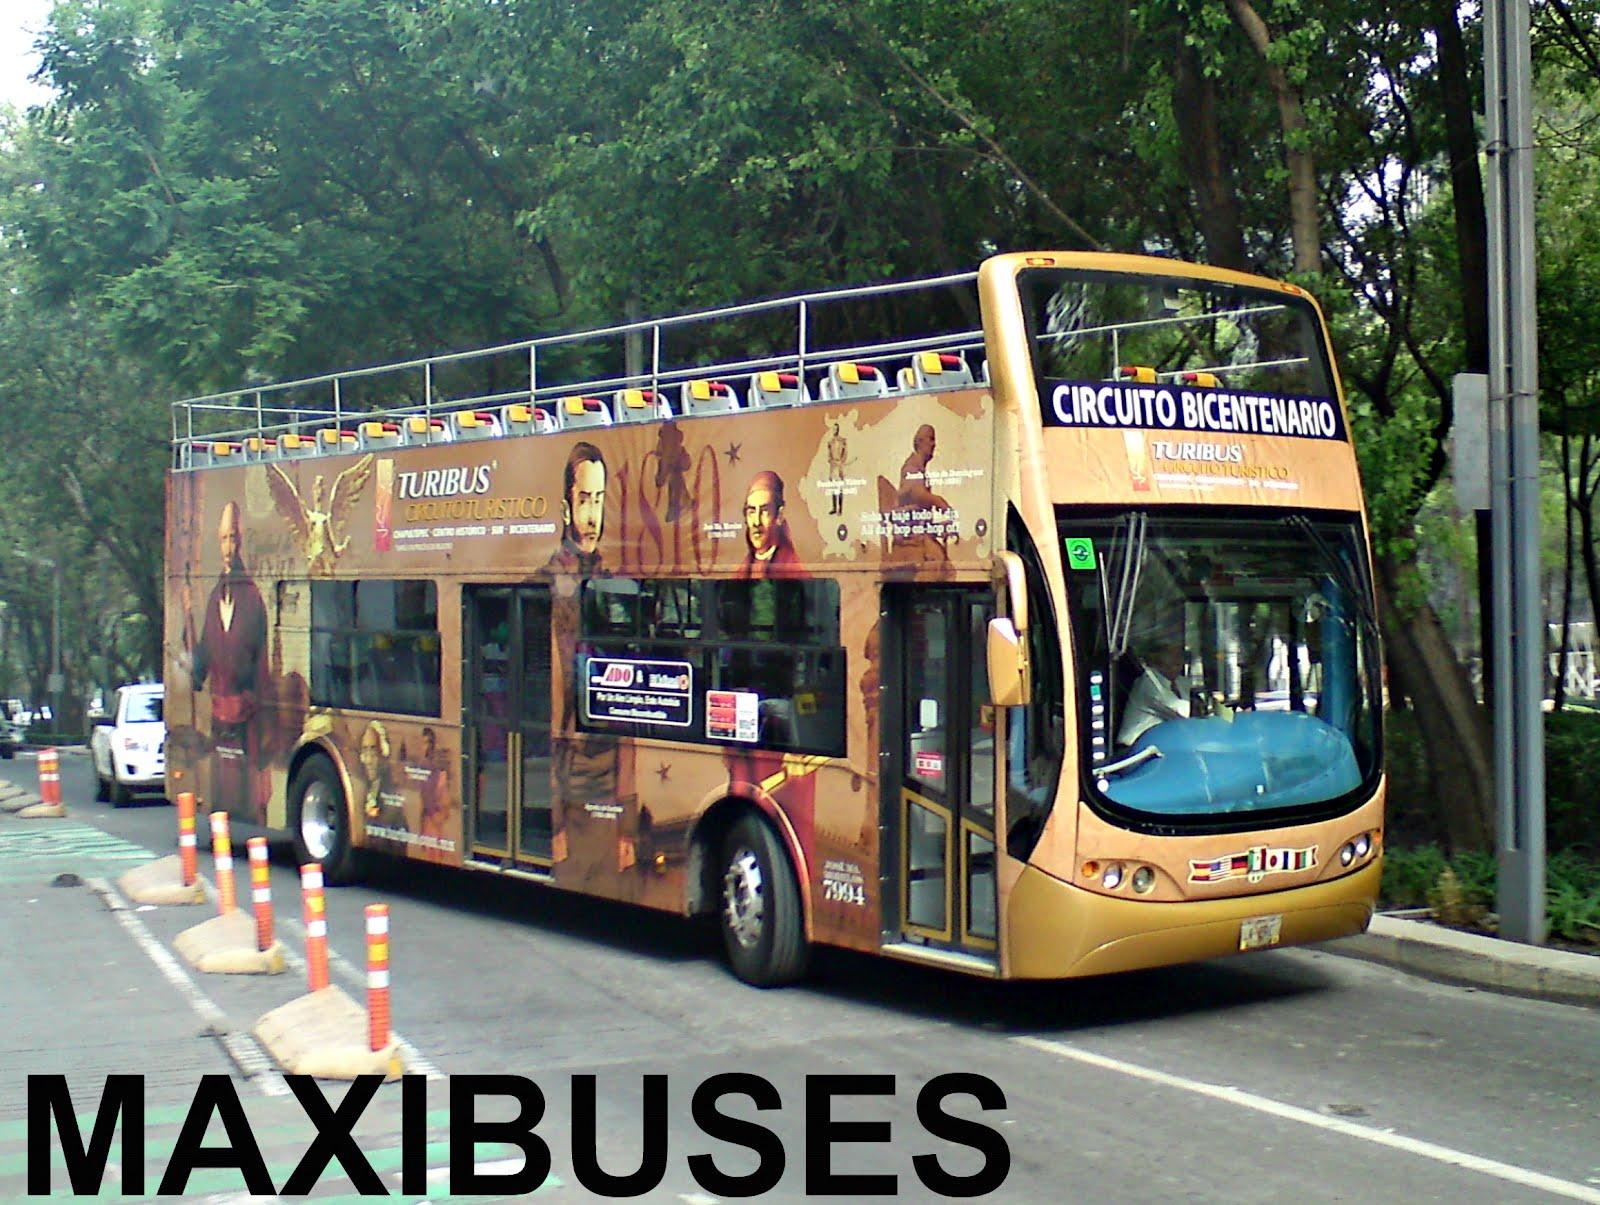 Circuito Bicentenario : Maxibuses turibus bicentenario